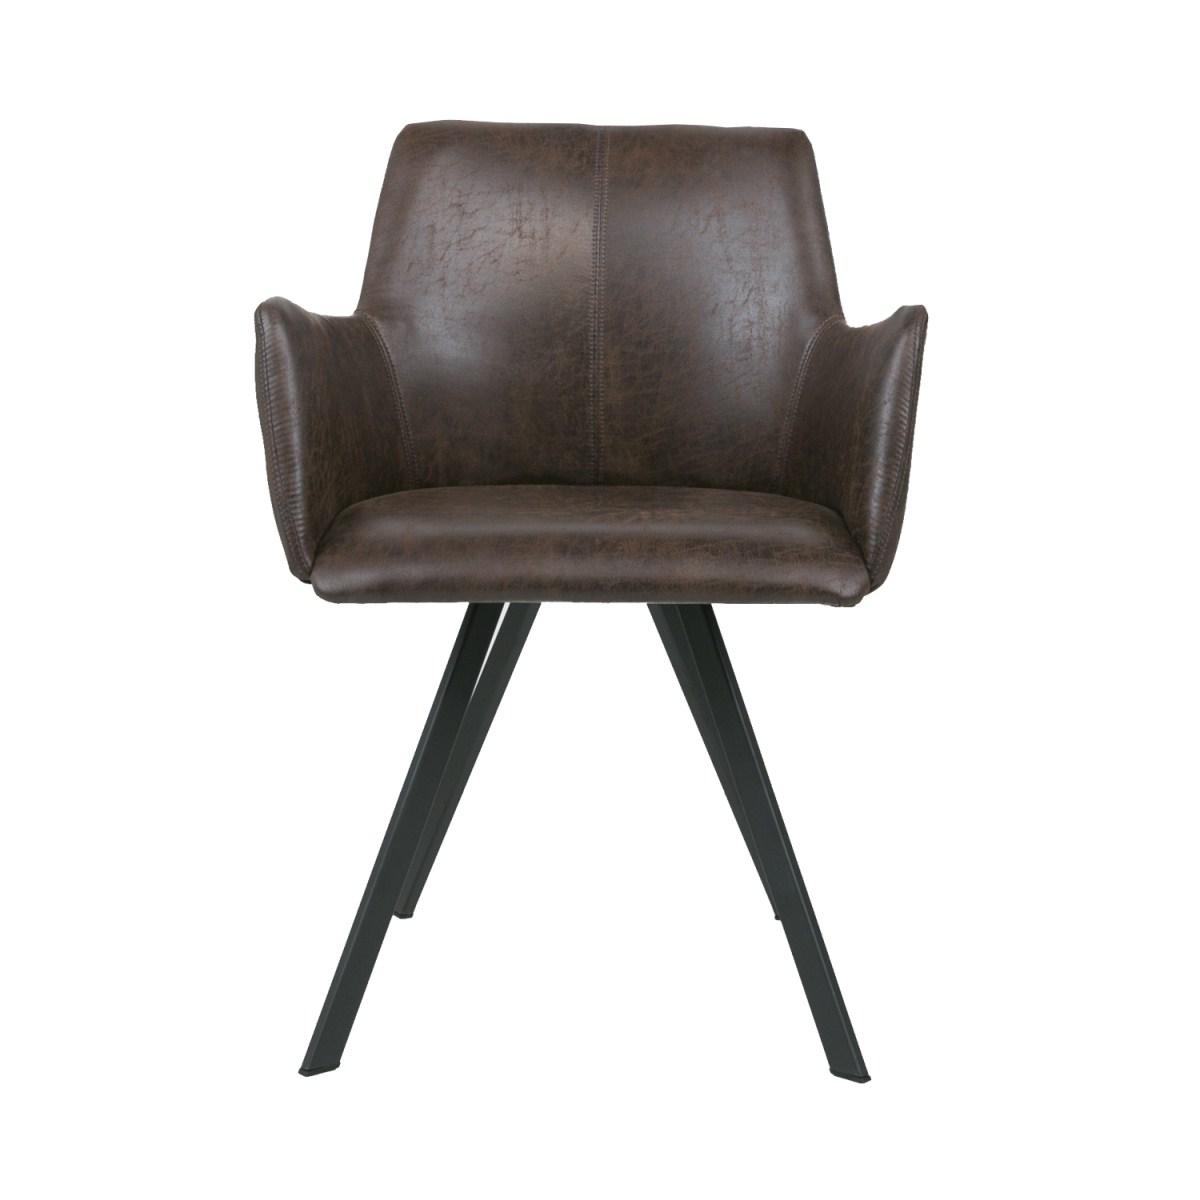 Billede af CANETT Amigo spisebordsstol m. armlæn - Mørkebrun